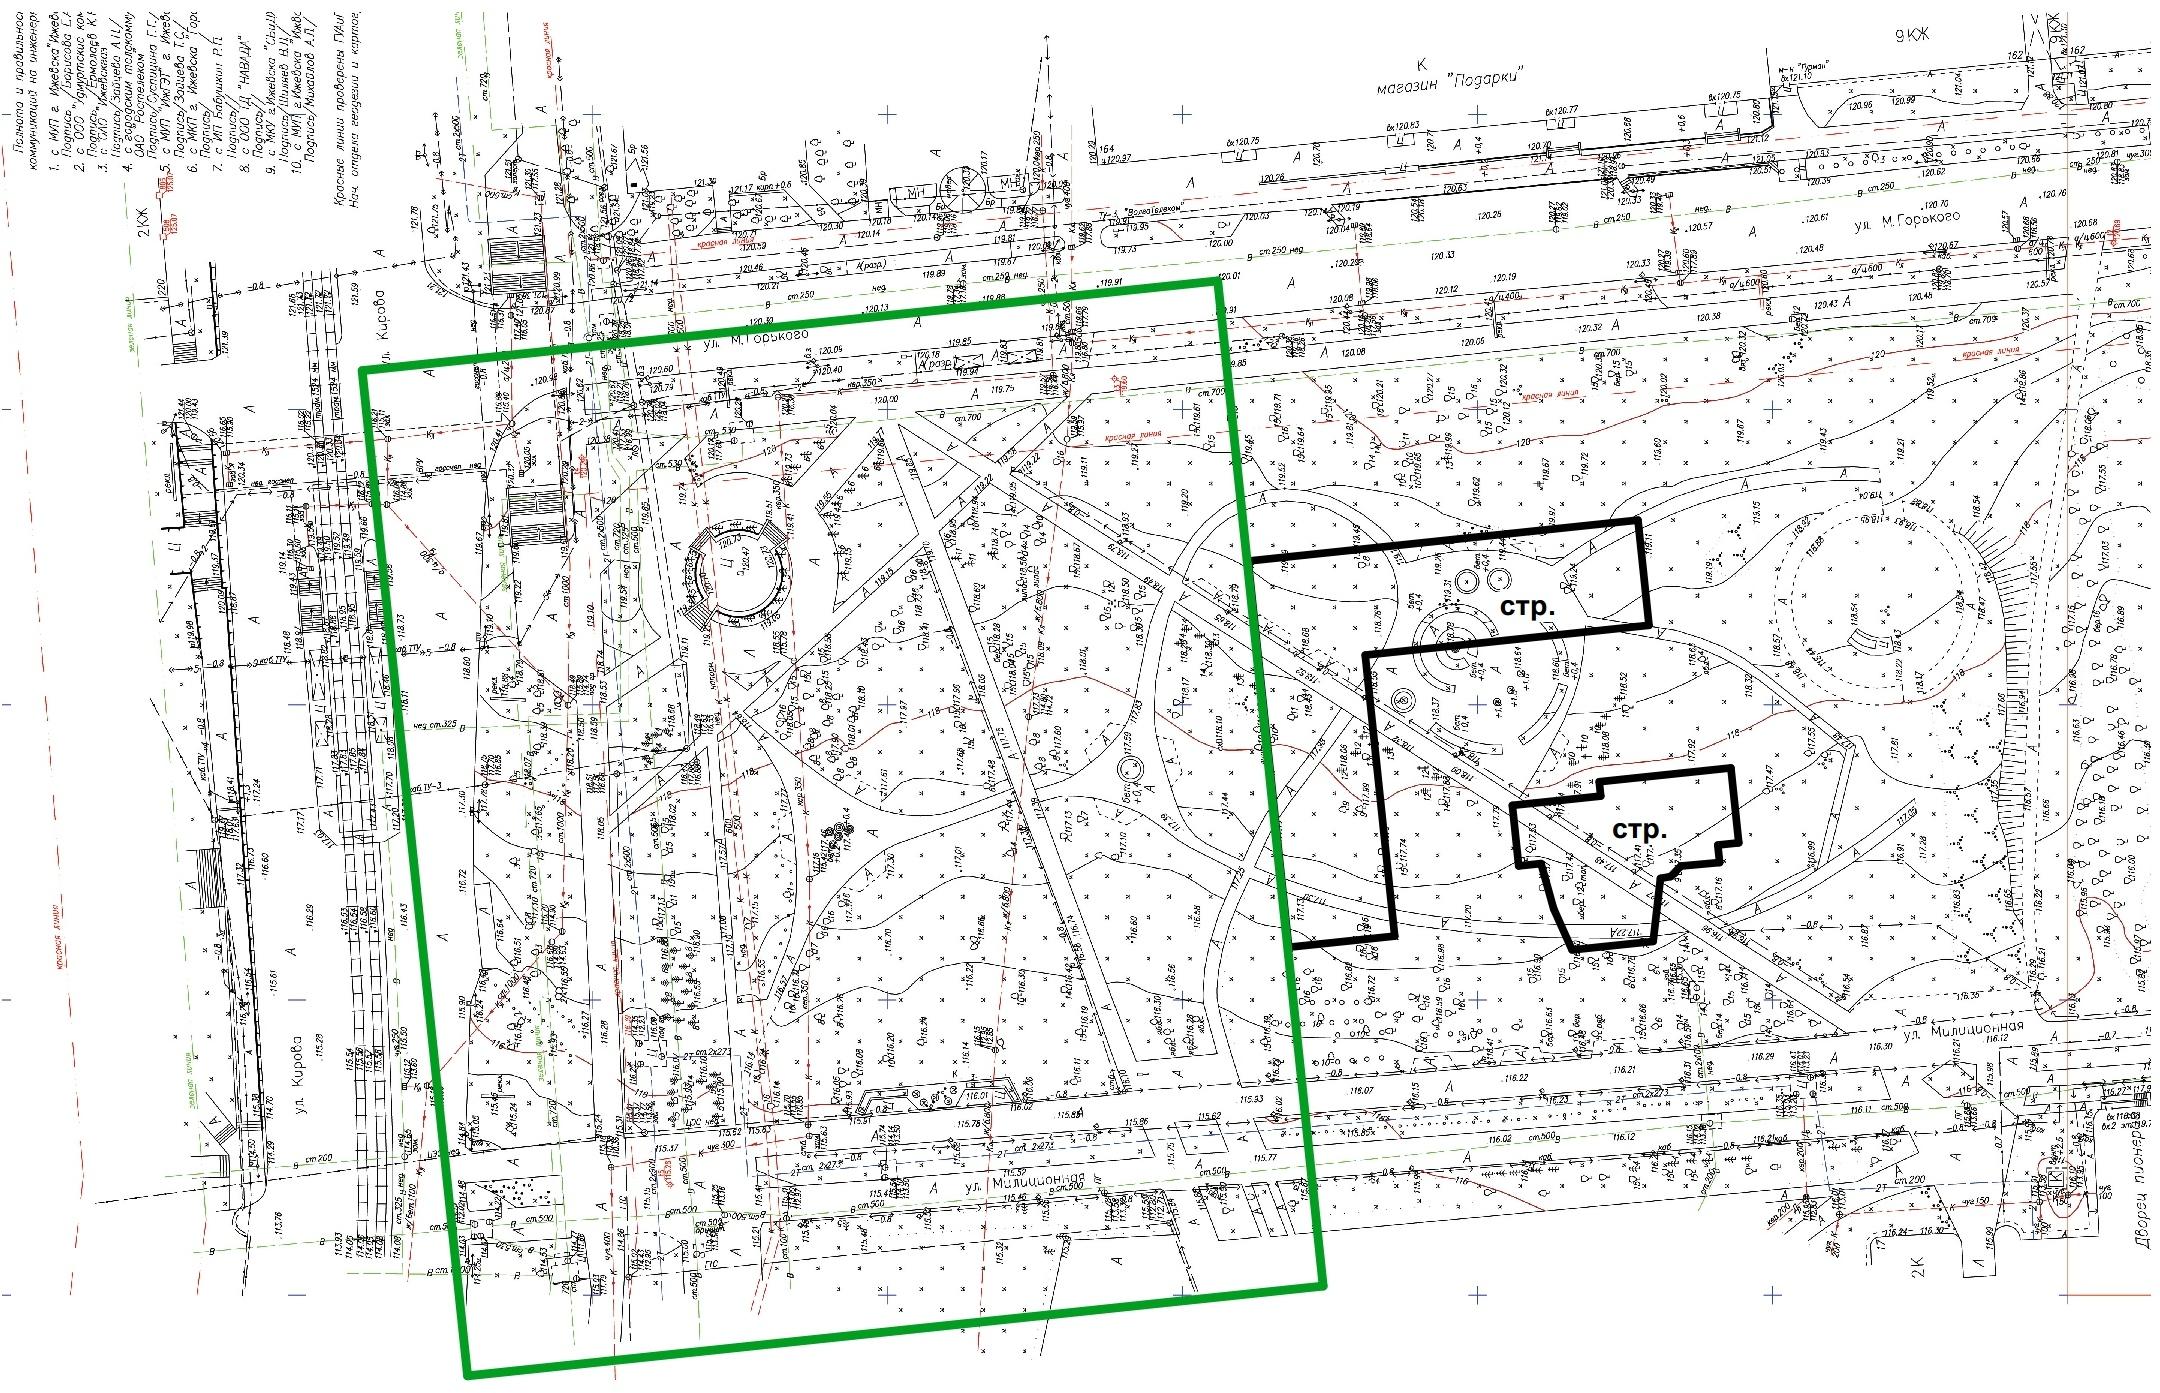 открытый конкурс на лучшую архитектурную концепцию благоустройства территории, прилегающей к «МФК «Ривьера». ЖК №1» в городе Ижевске